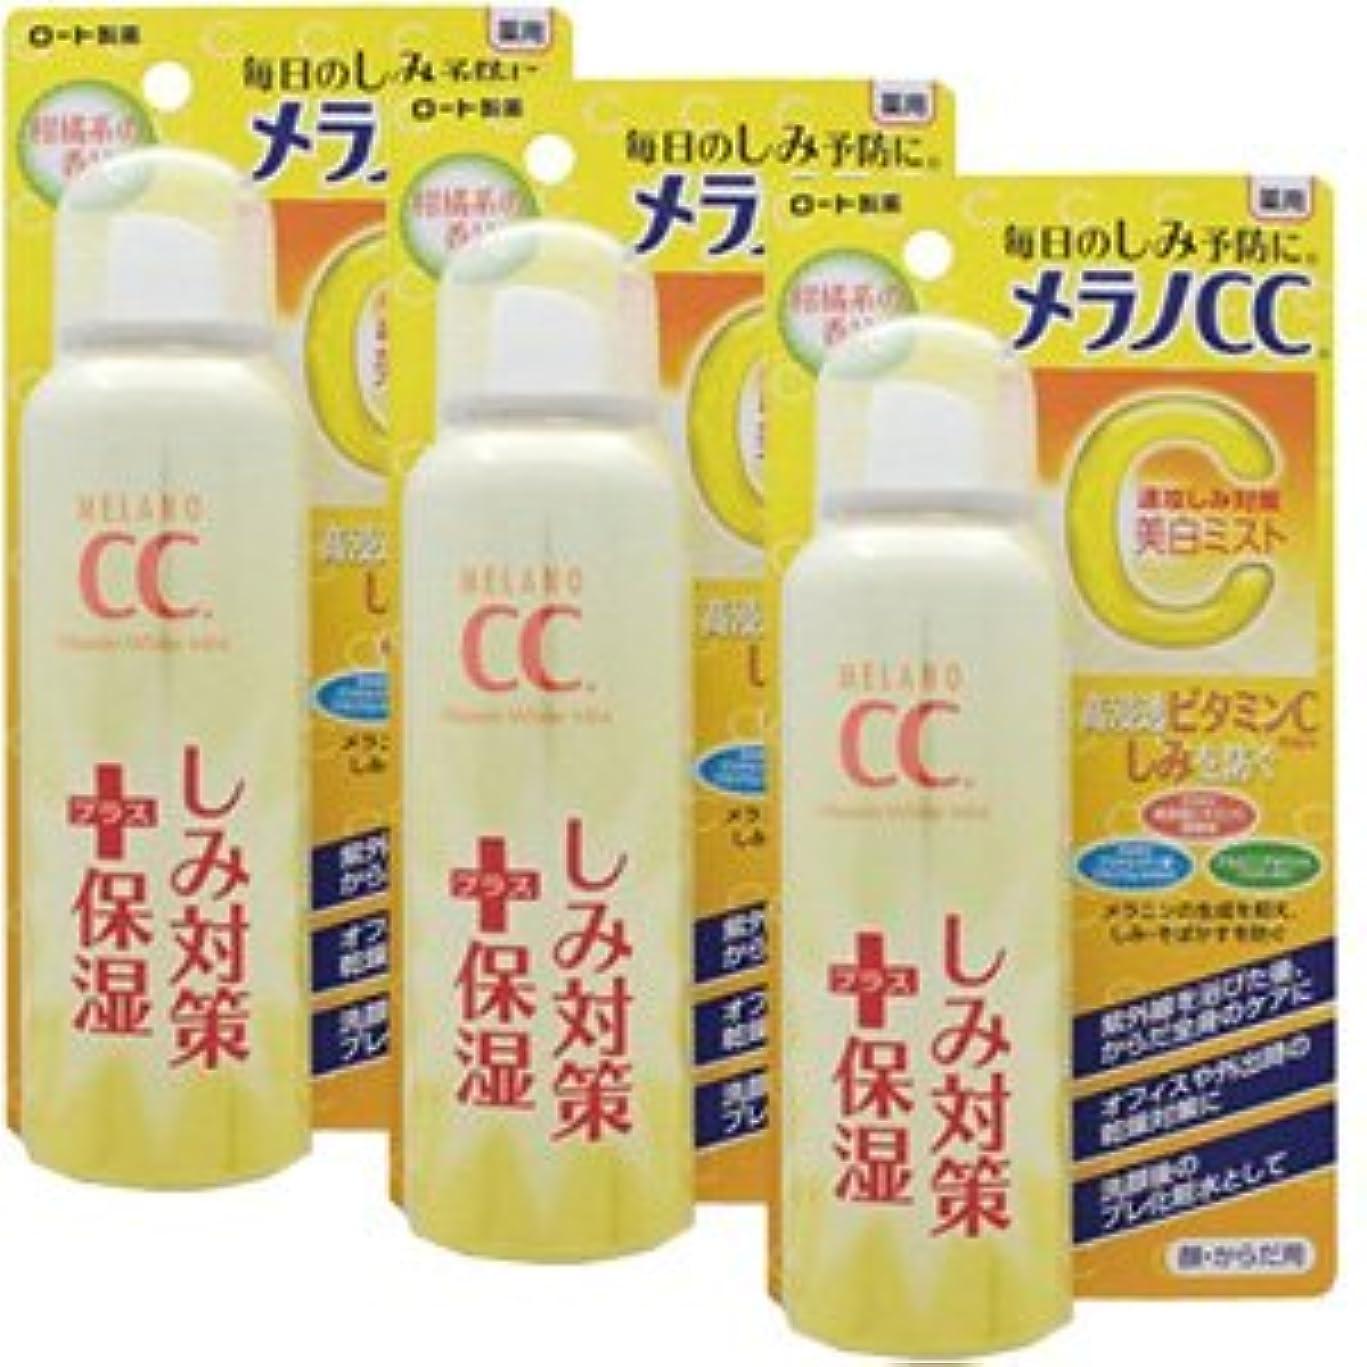 緊急はがきスケッチ【3個】メラノCC 薬用しみ対策美白ミスト化粧水 100gx3個